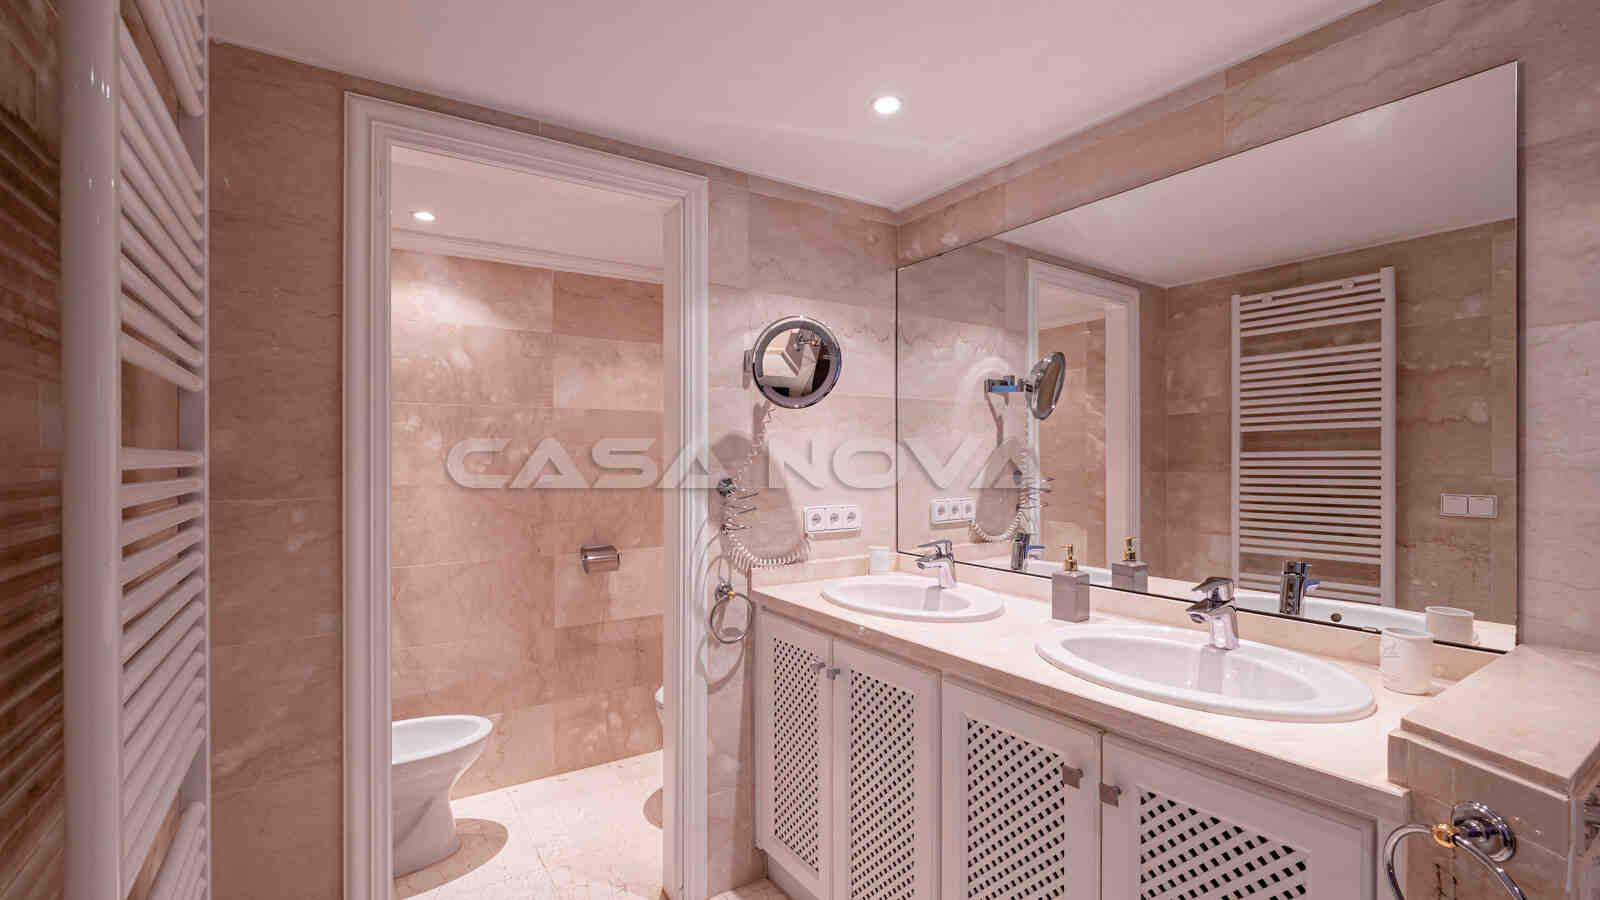 Grosses Badezimmer mit Doppelwaschbecken